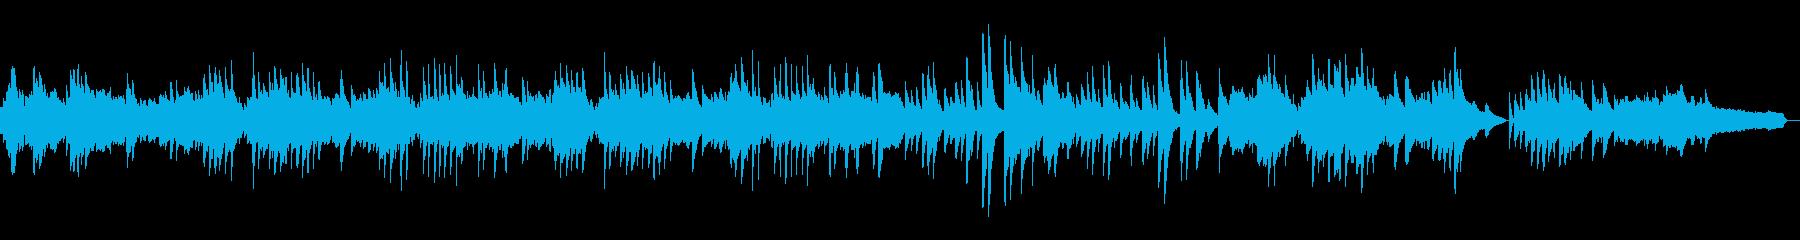 トロイメライを軽快なソロピアノでカバー4の再生済みの波形